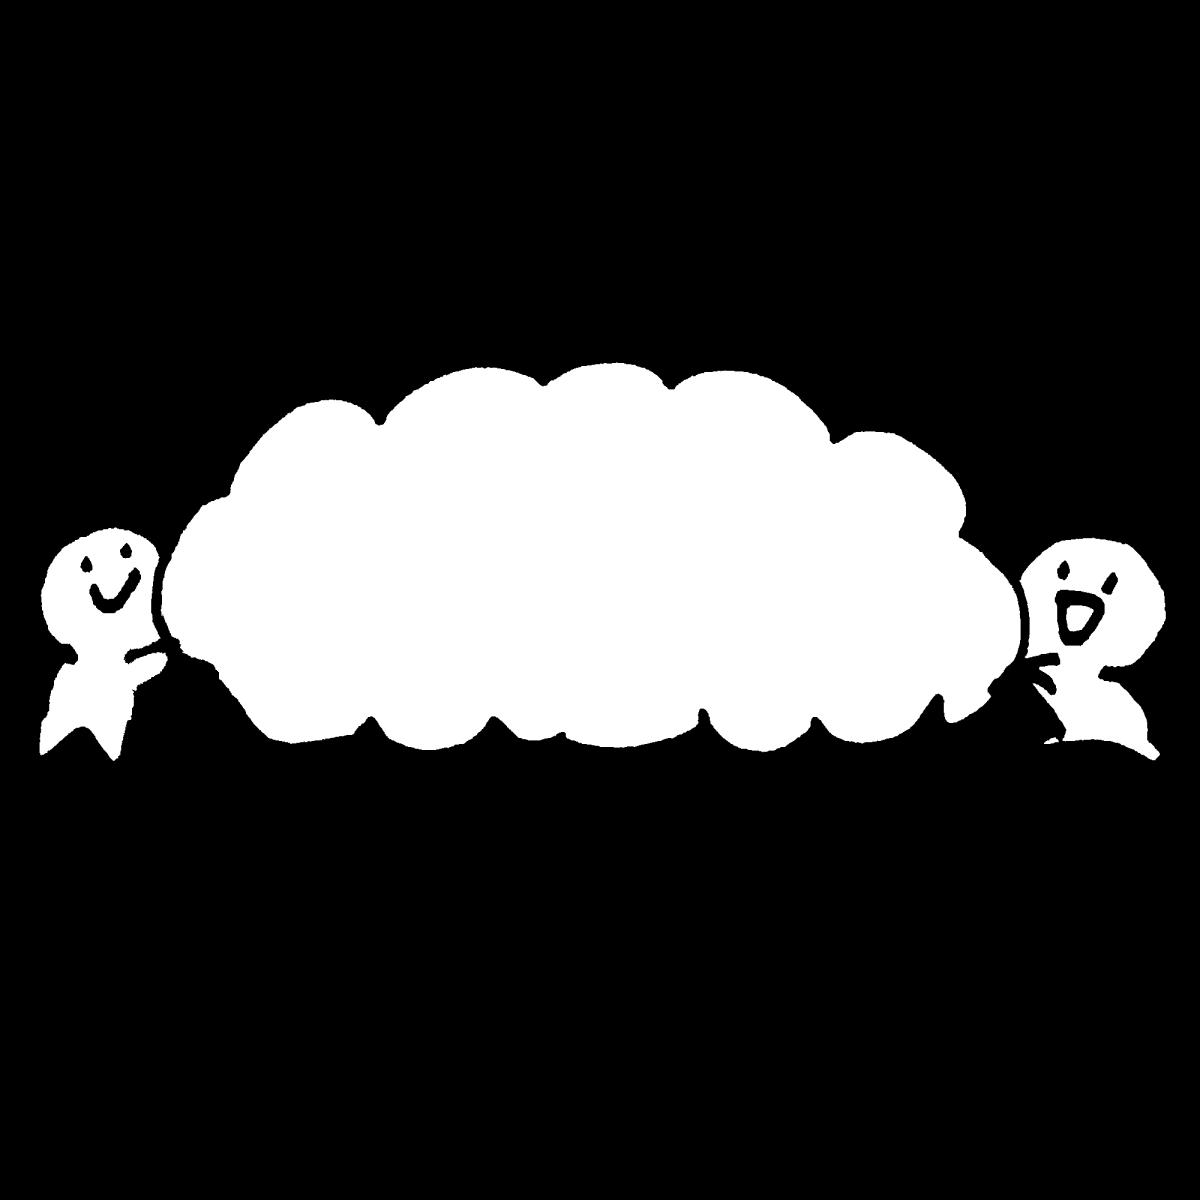 雲のタイトルのイラスト / Cloud Title Illustration